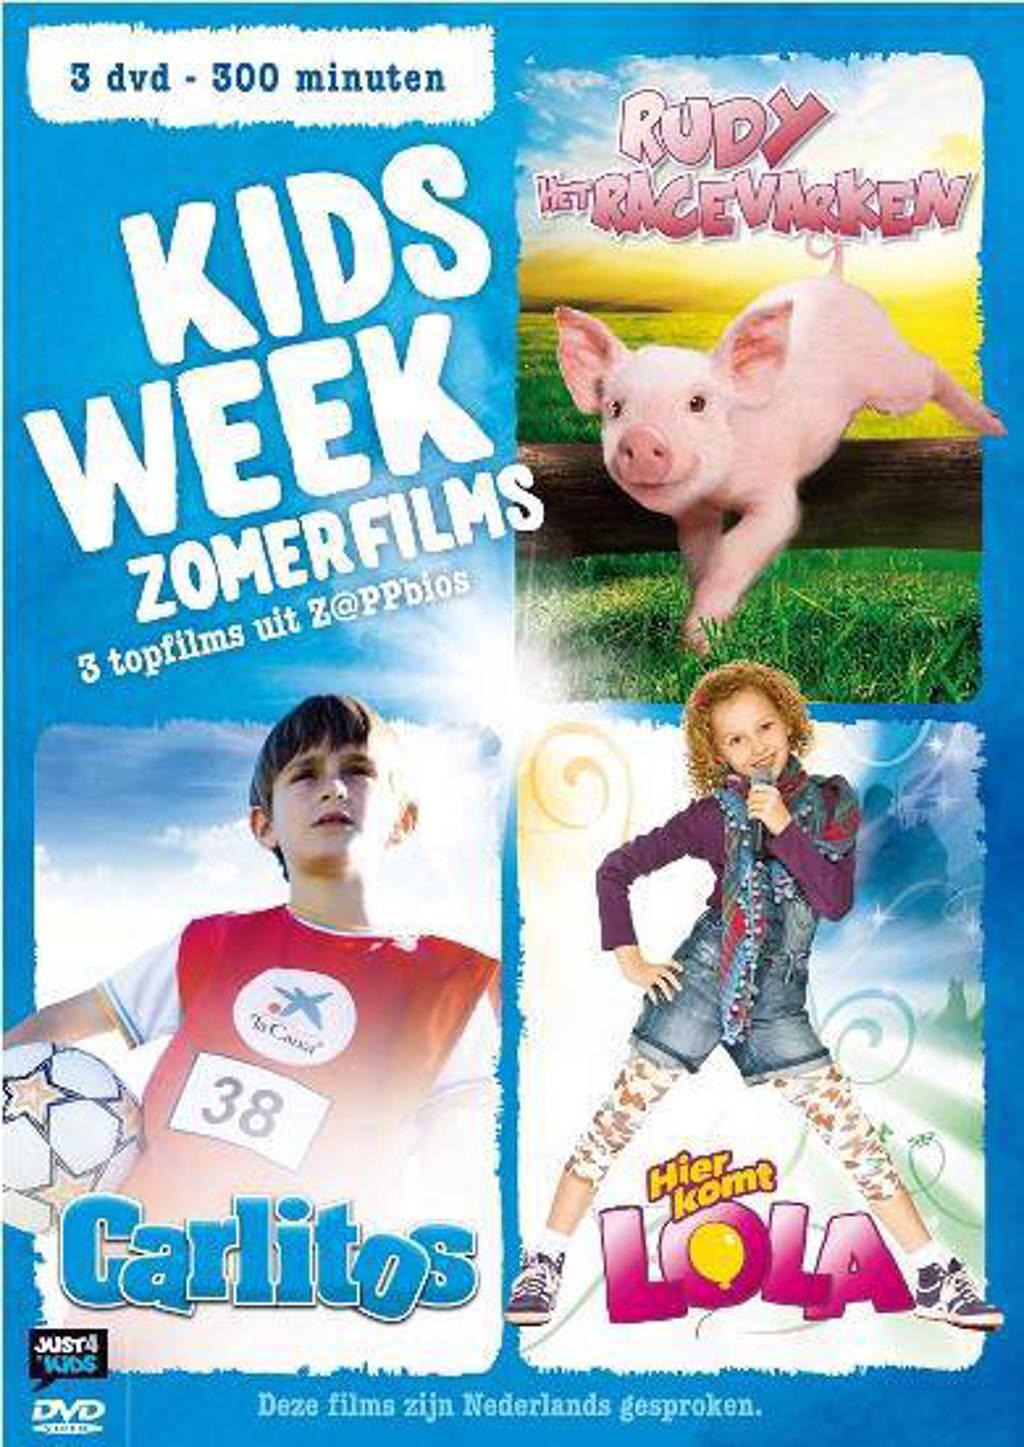 Kidsweek zomerfilms (DVD)